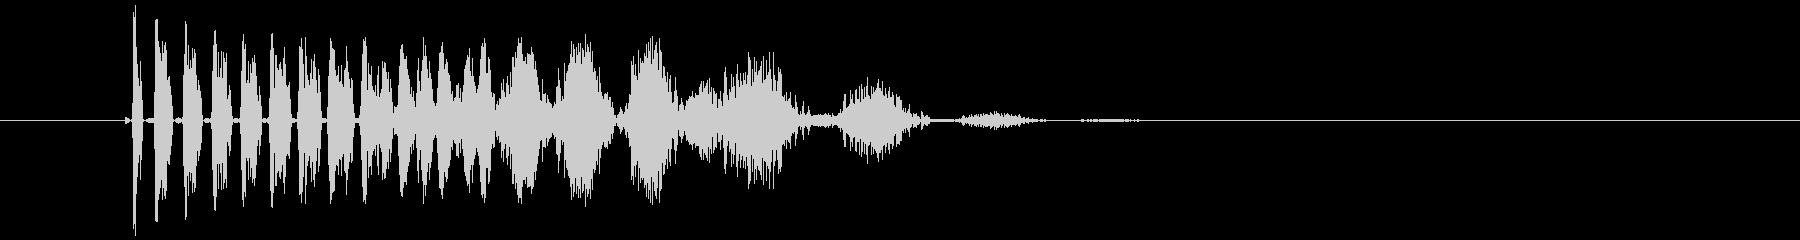 シュルシュル(プロペラ、回転、落下)の未再生の波形